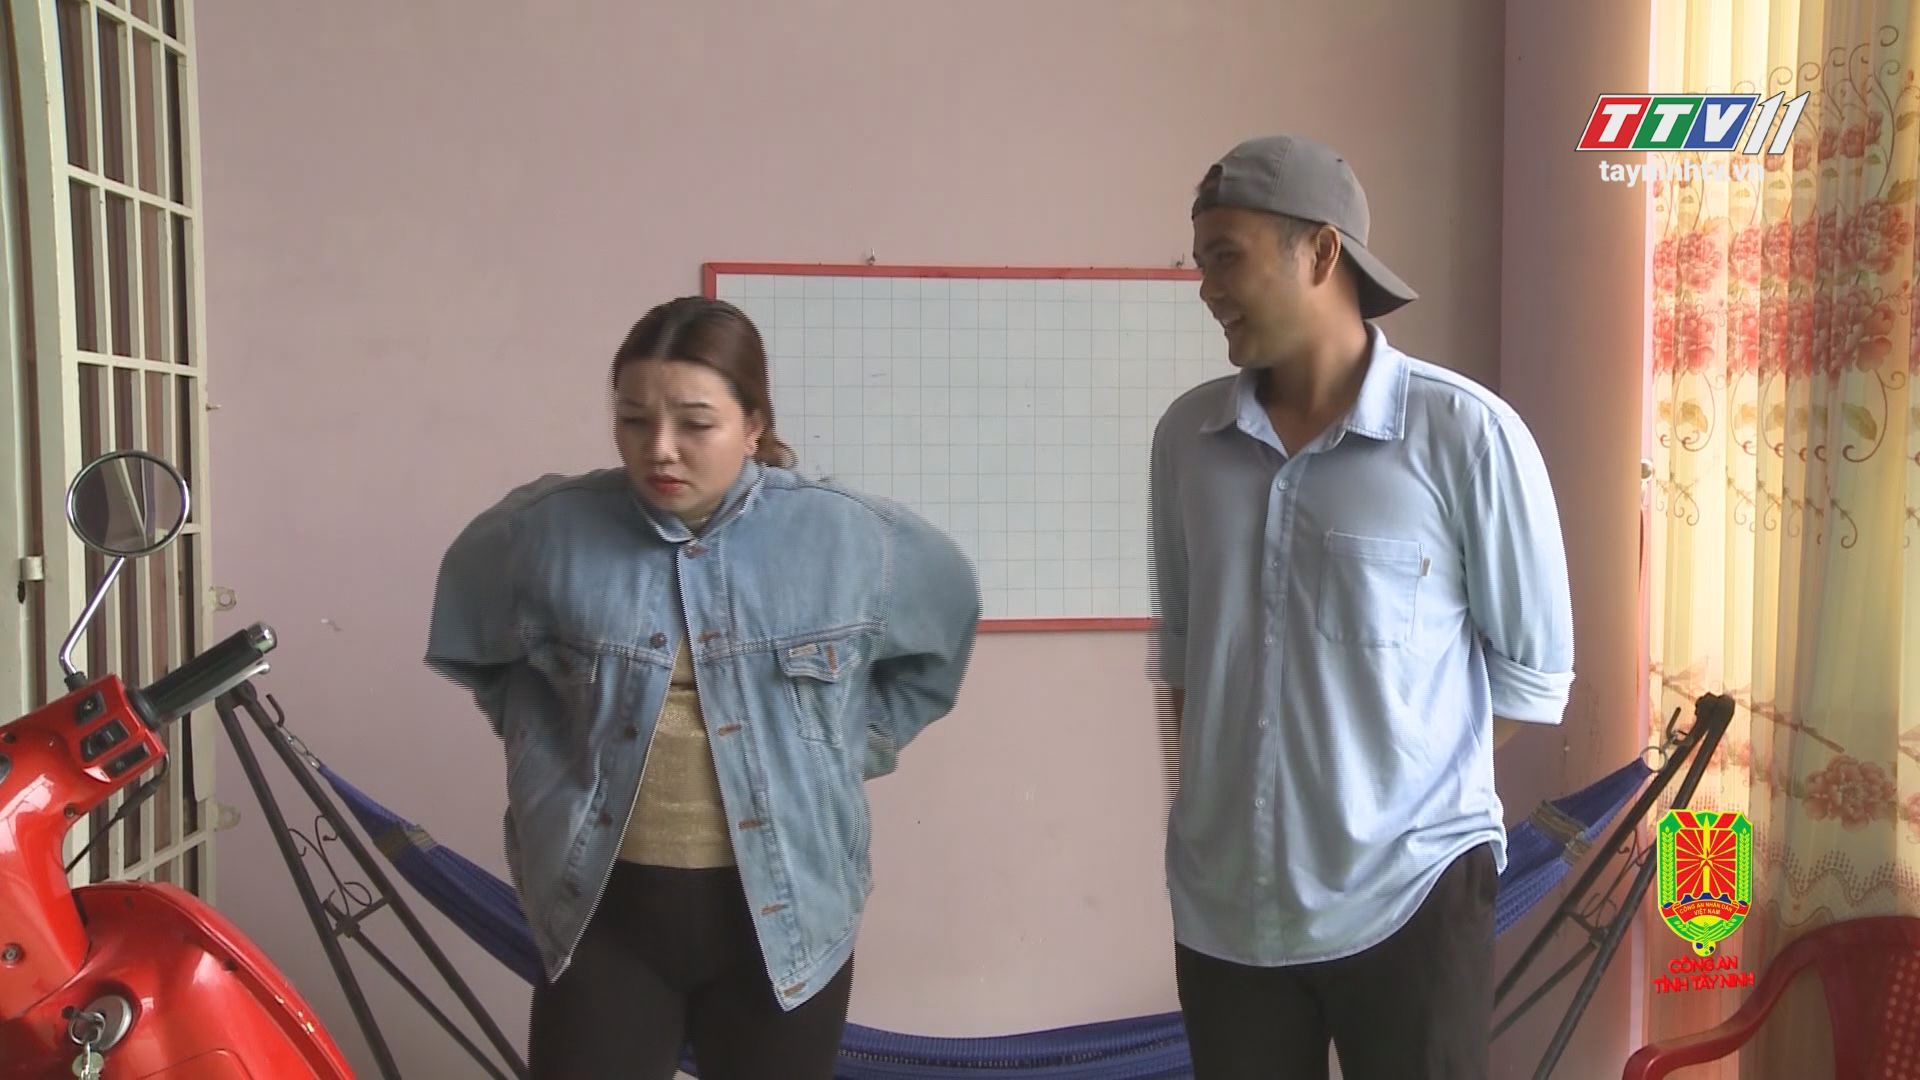 Trách nhiệm thuộc về ai | VĂN HÓA GIAO THÔNG | Tây Ninh TV